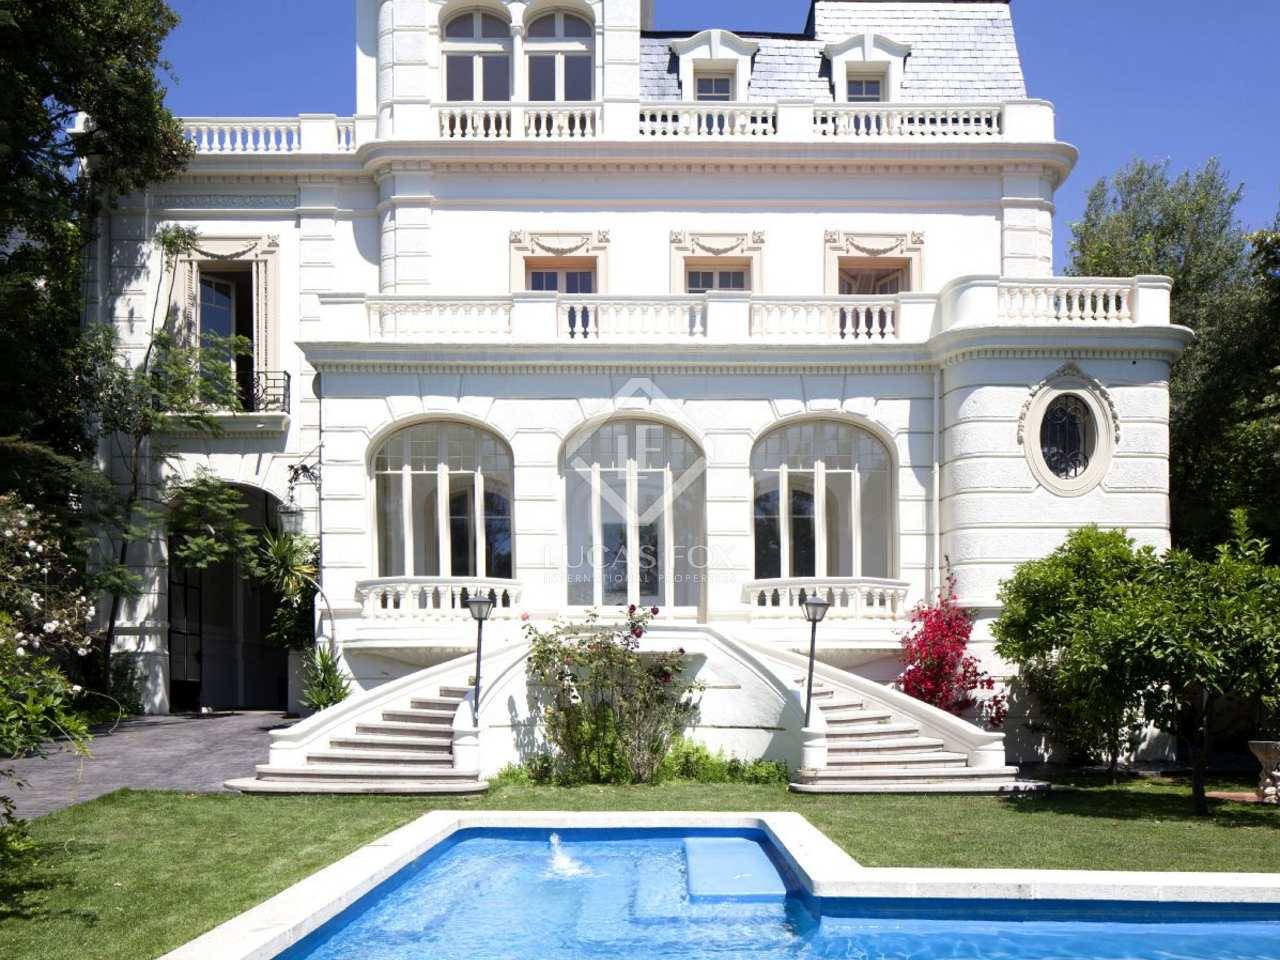 Mansi n en venta en pedralbes zona alta barcelona - Zona alta barcelona ...